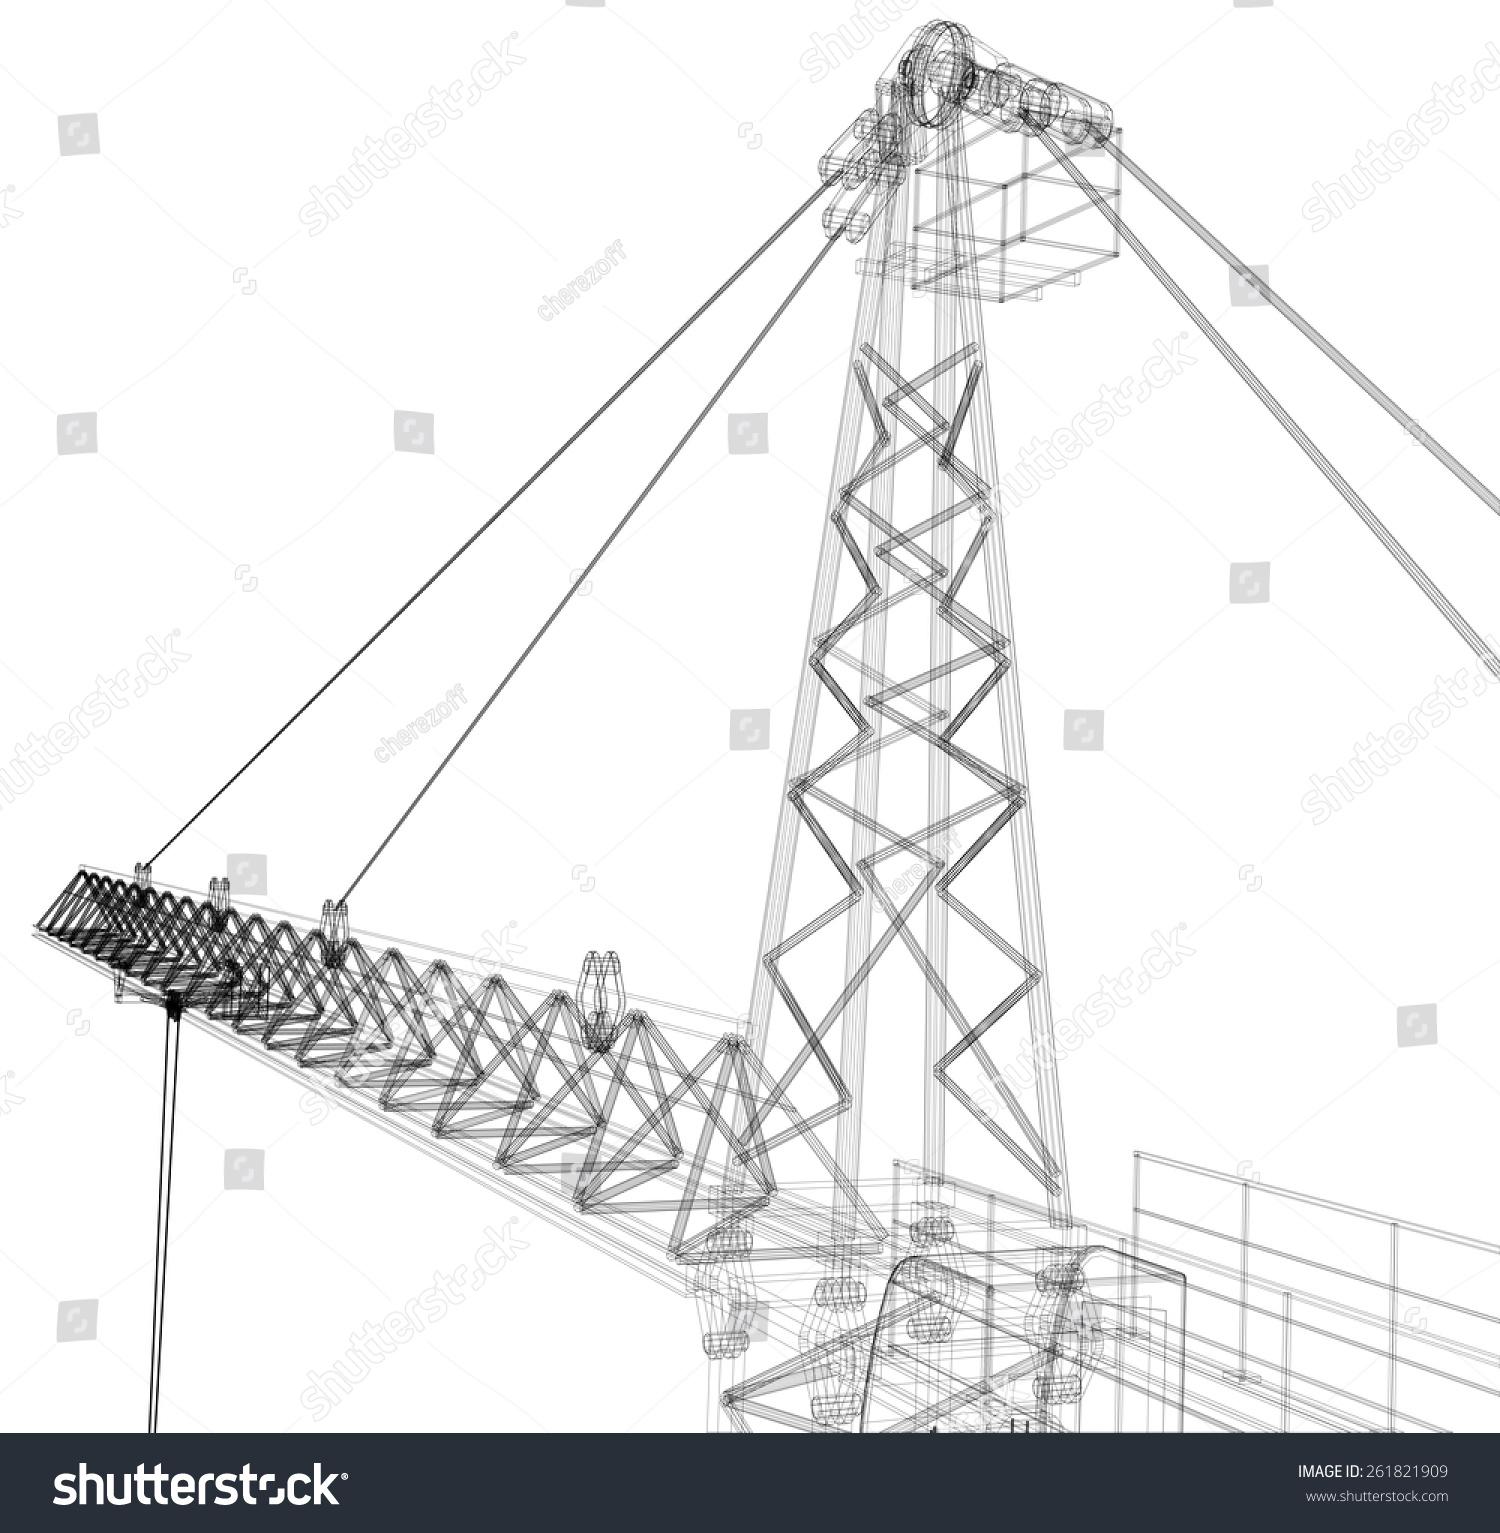 塔式起重机.白色背景上的详细的矢量插图